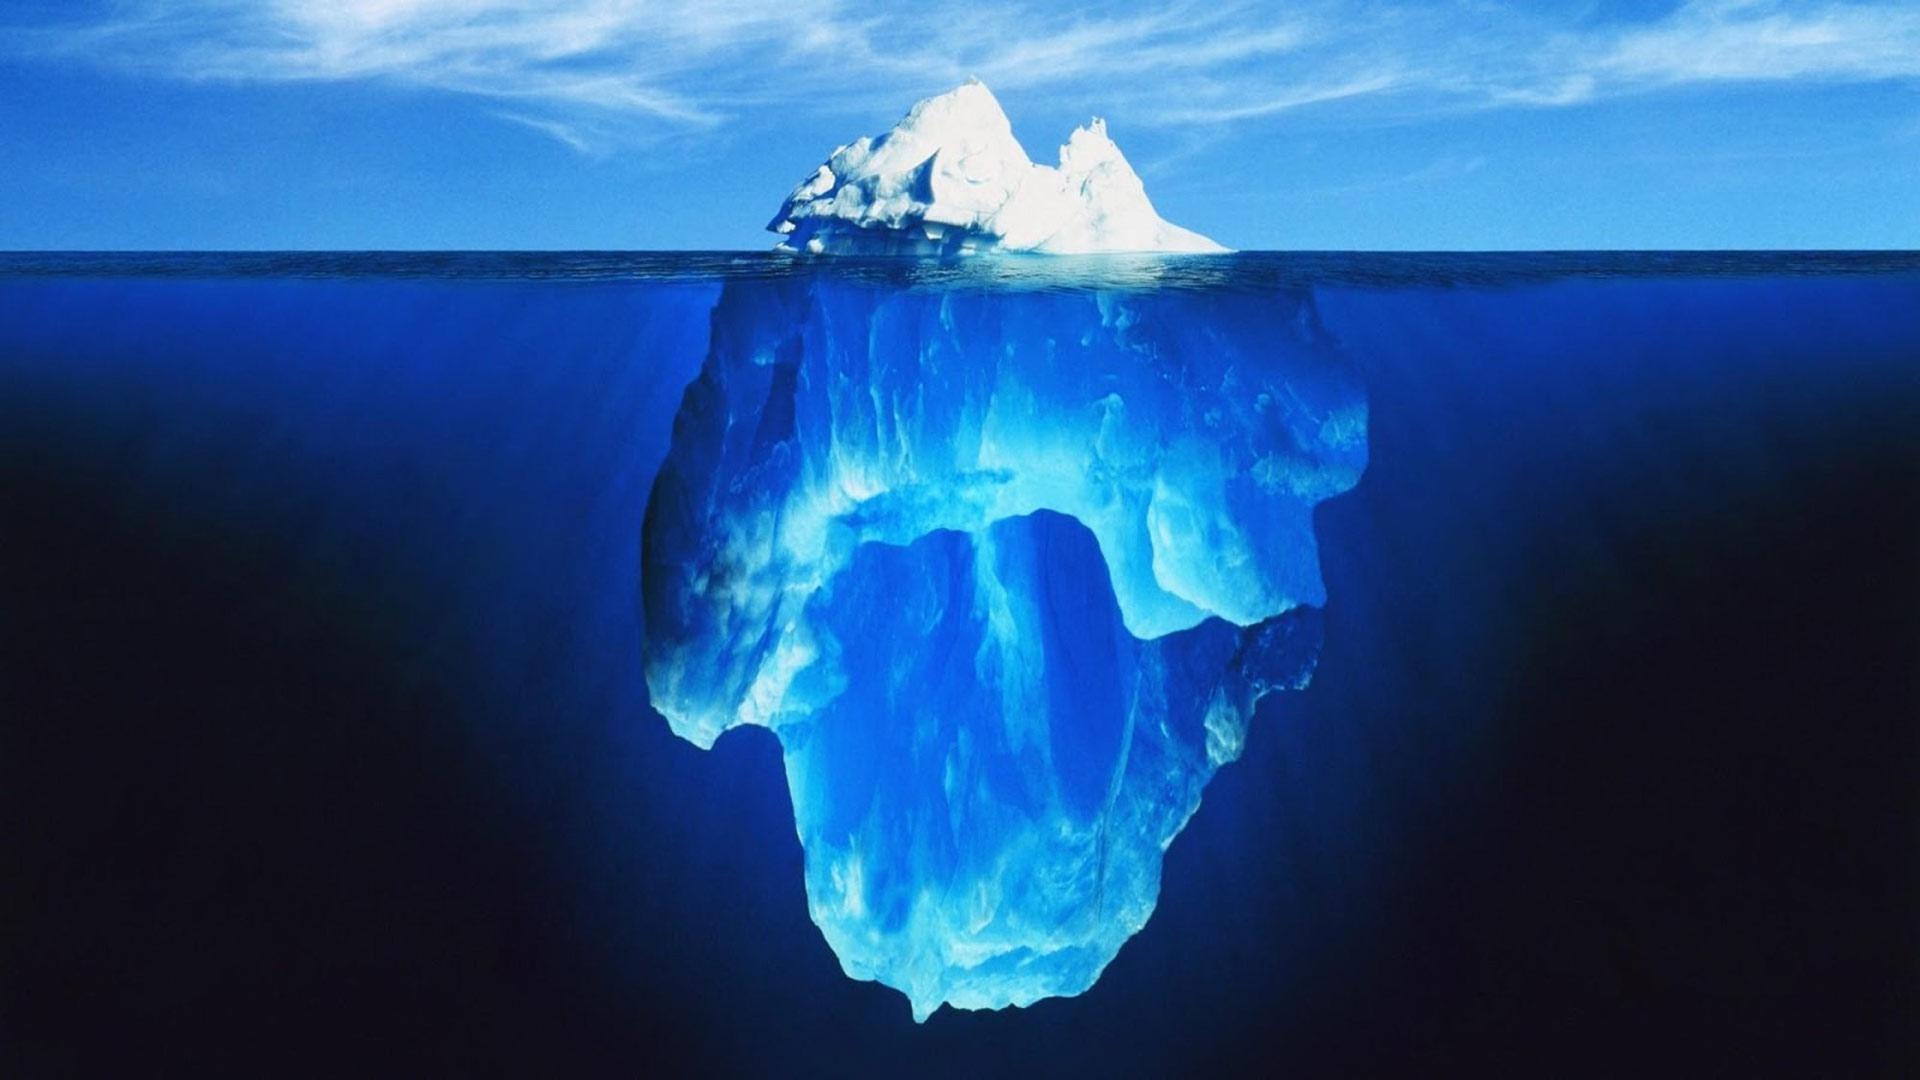 Вебинар: Предназначение - подводные камни, о которых Вы не знаете